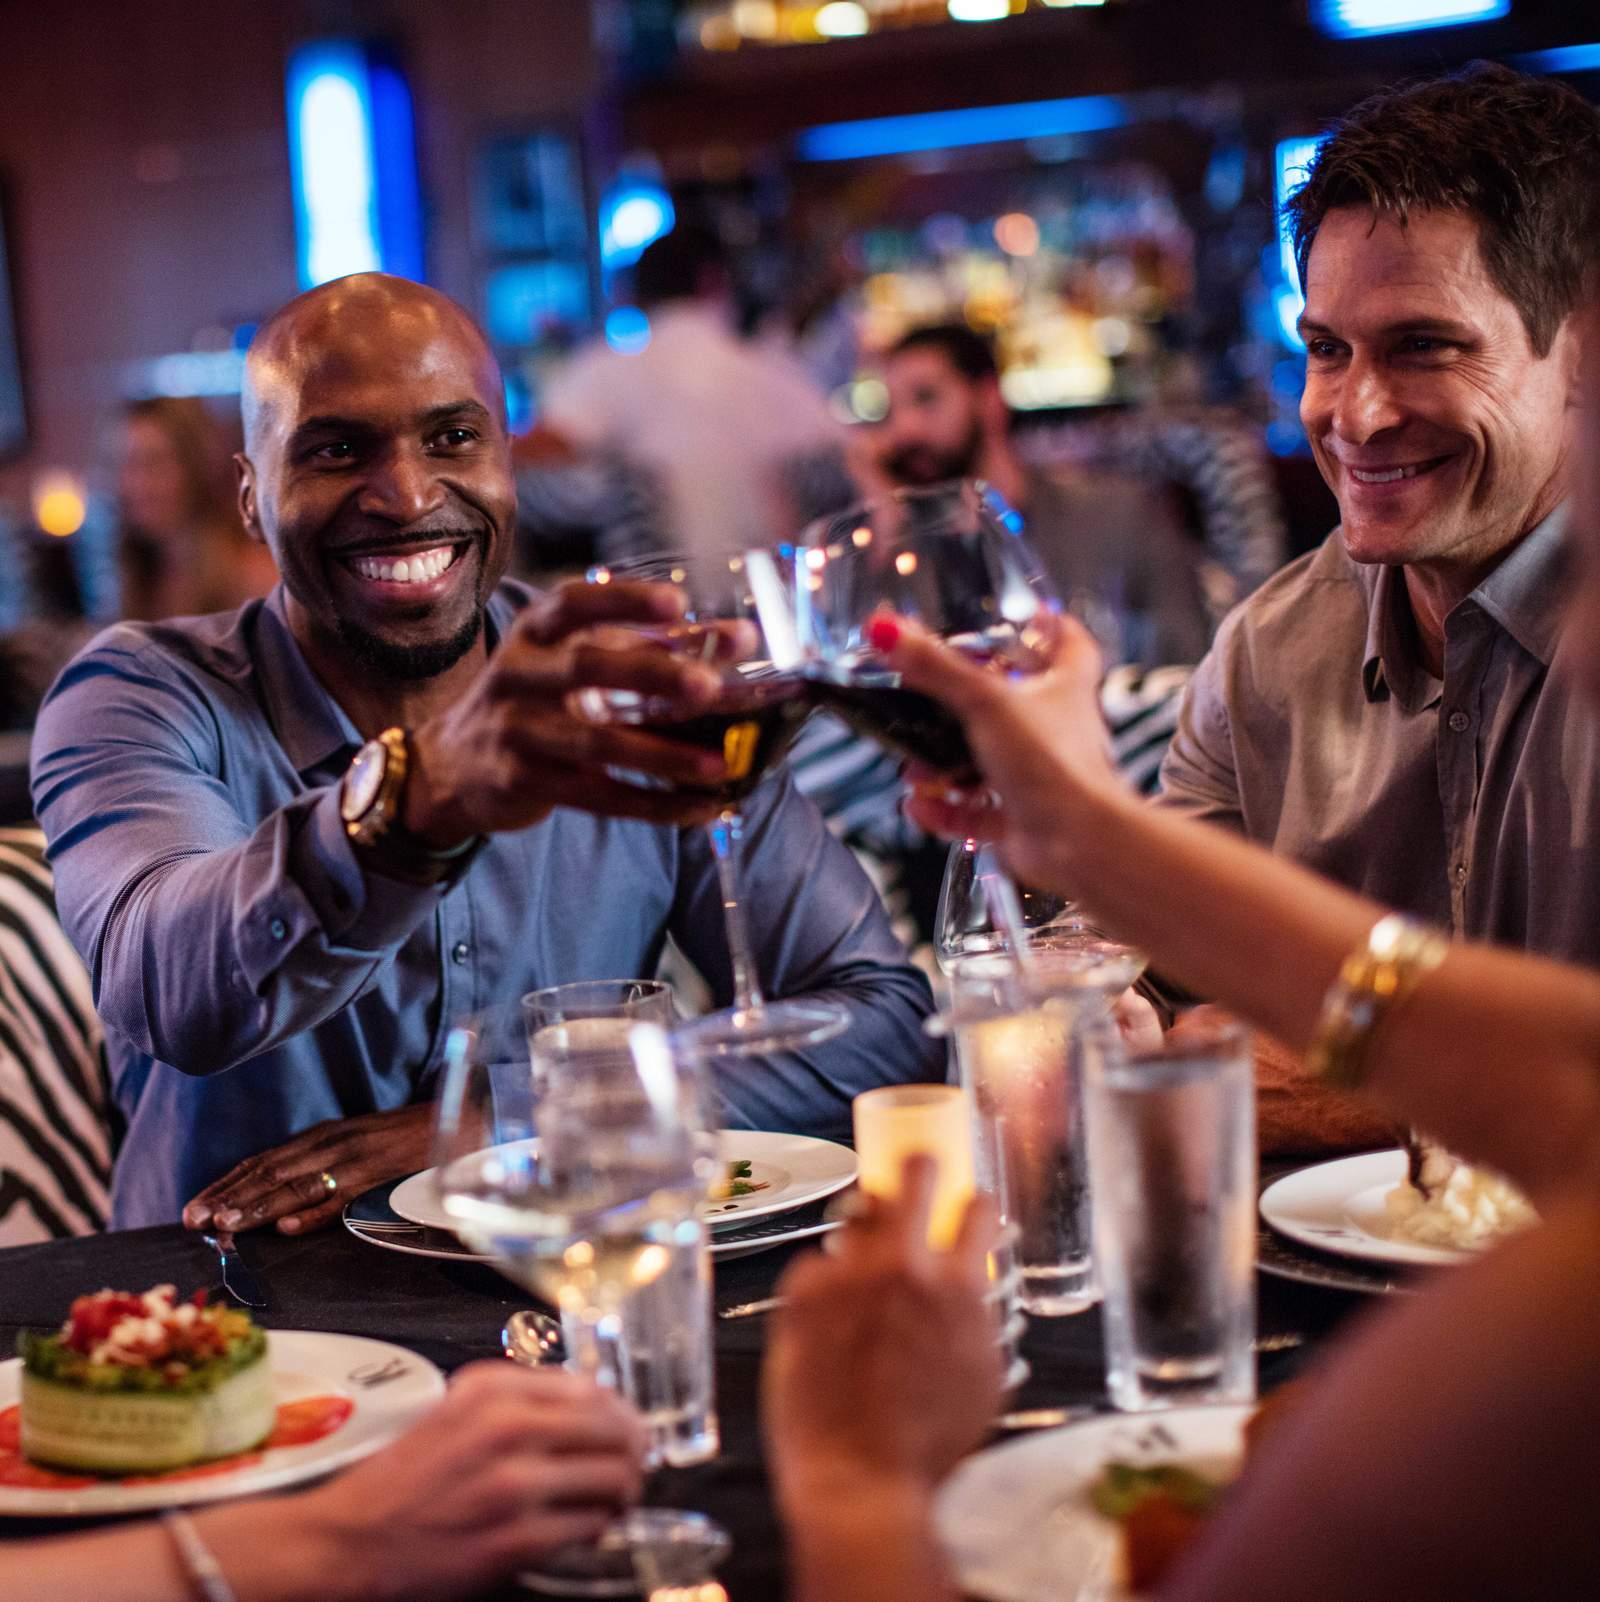 Freunde in einem Restaurant in Daytona Beach